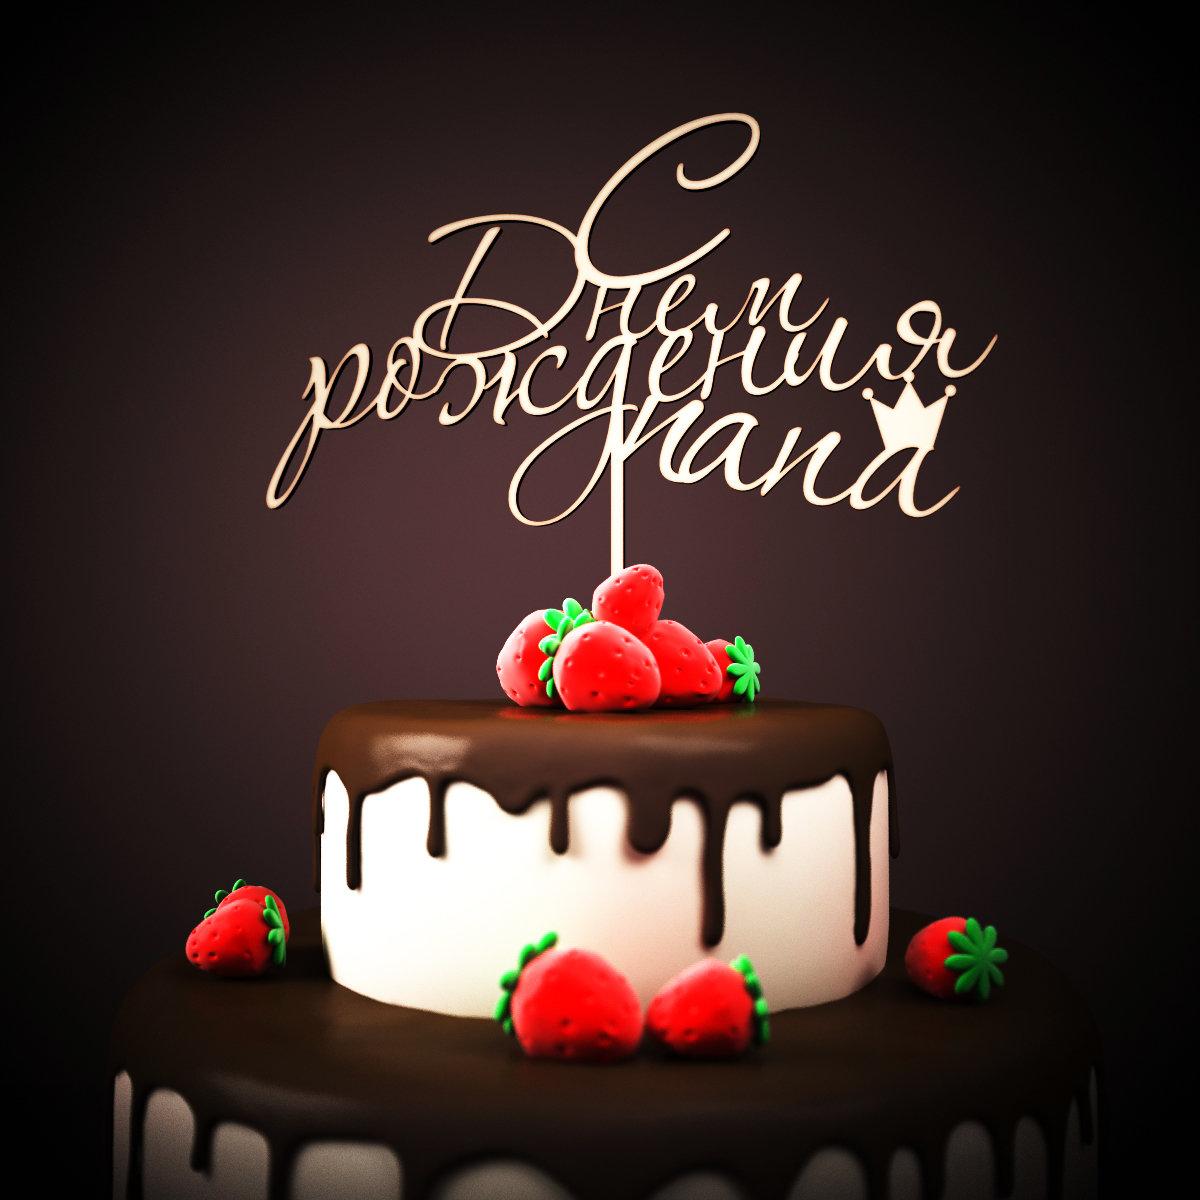 Открытки торт любимому, днем